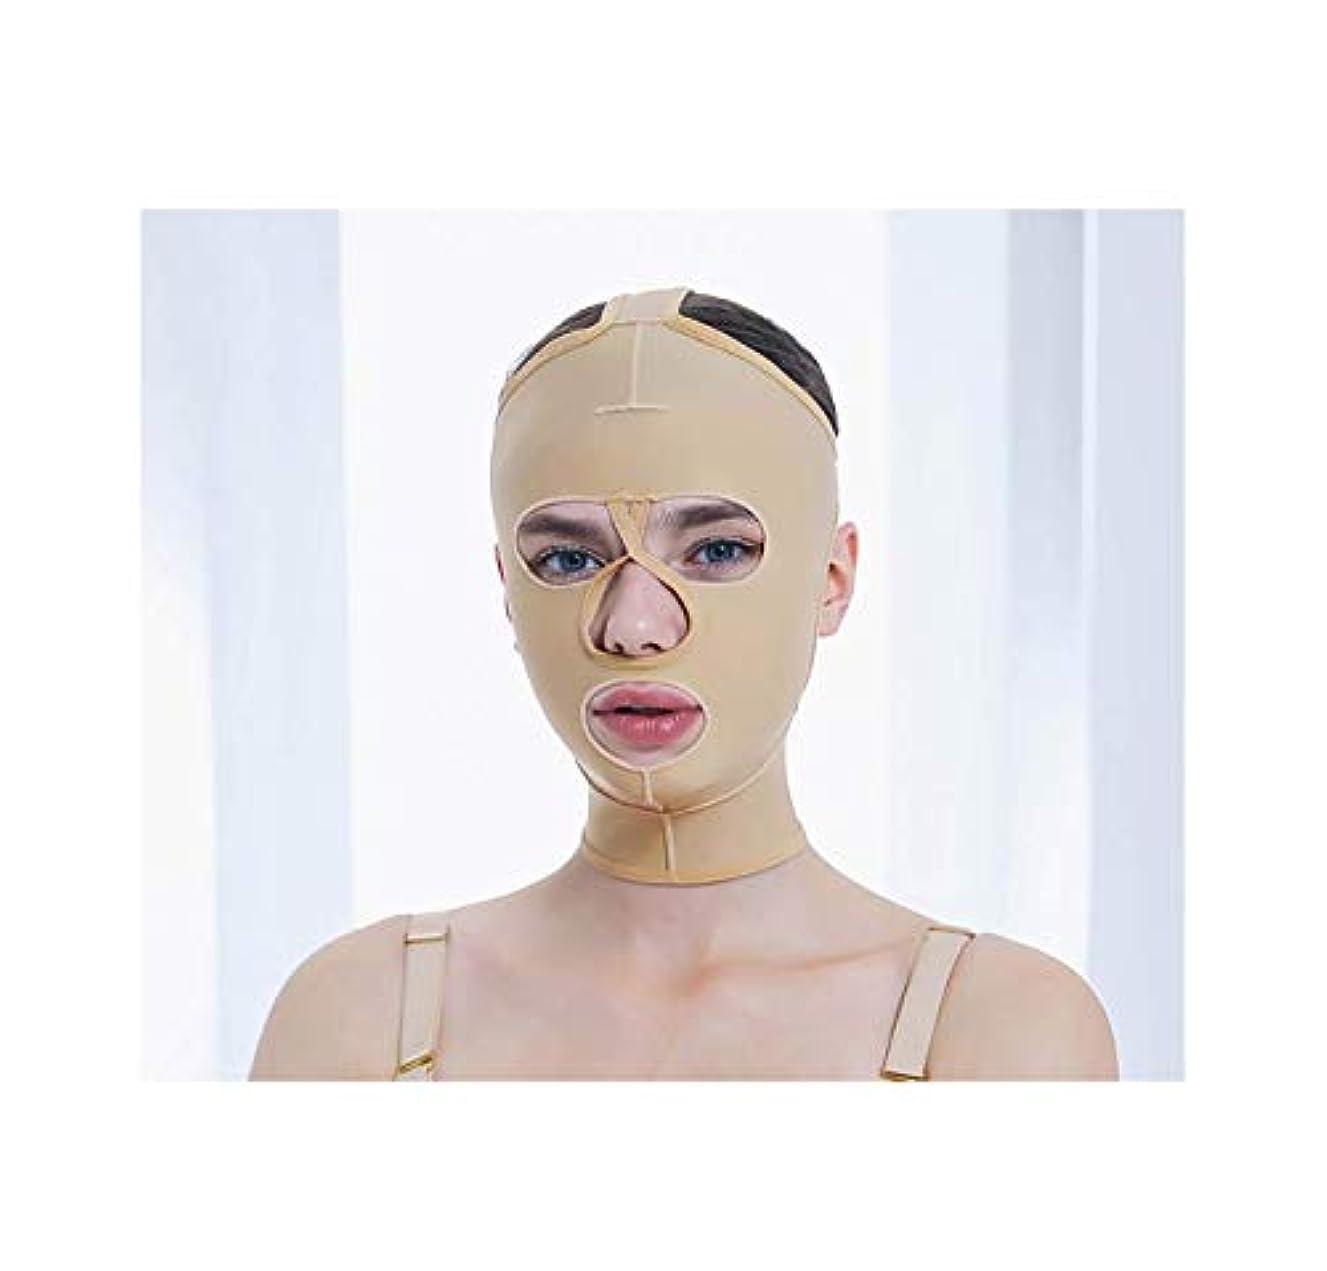 前件魅力発言するフェイス&ネックリフト、減量フェイスマスク脂肪吸引術脂肪吸引整形マスクフードフェイスリフティングアーティファクトVフェイスビームフェイス弾性スリーブ(サイズ:XS),Xl